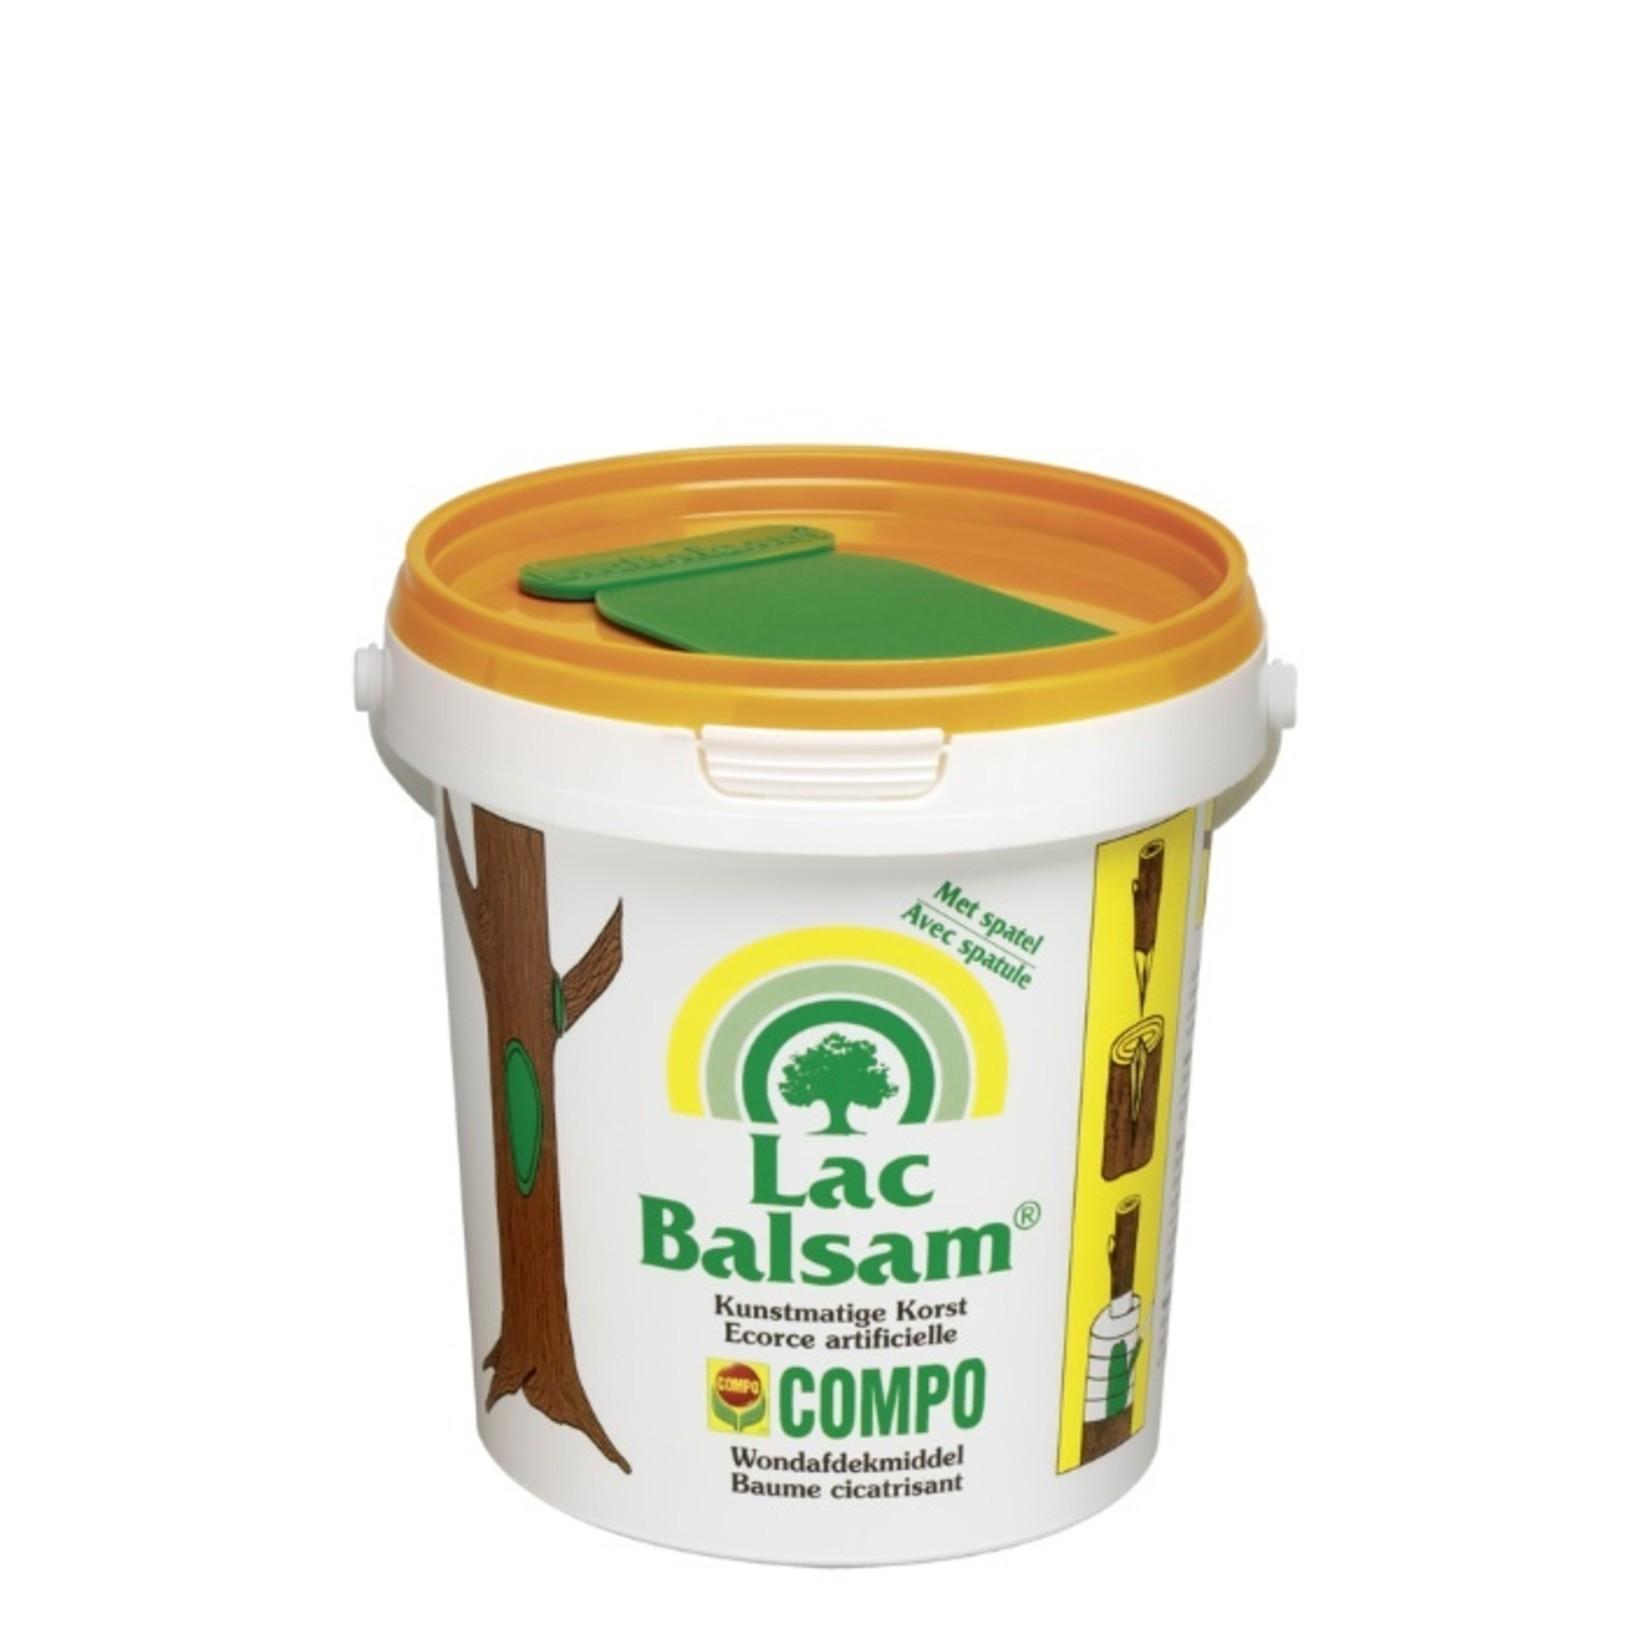 Compo Boomwond Lac balsam 1000 gram ent- en wondafdekmiddel